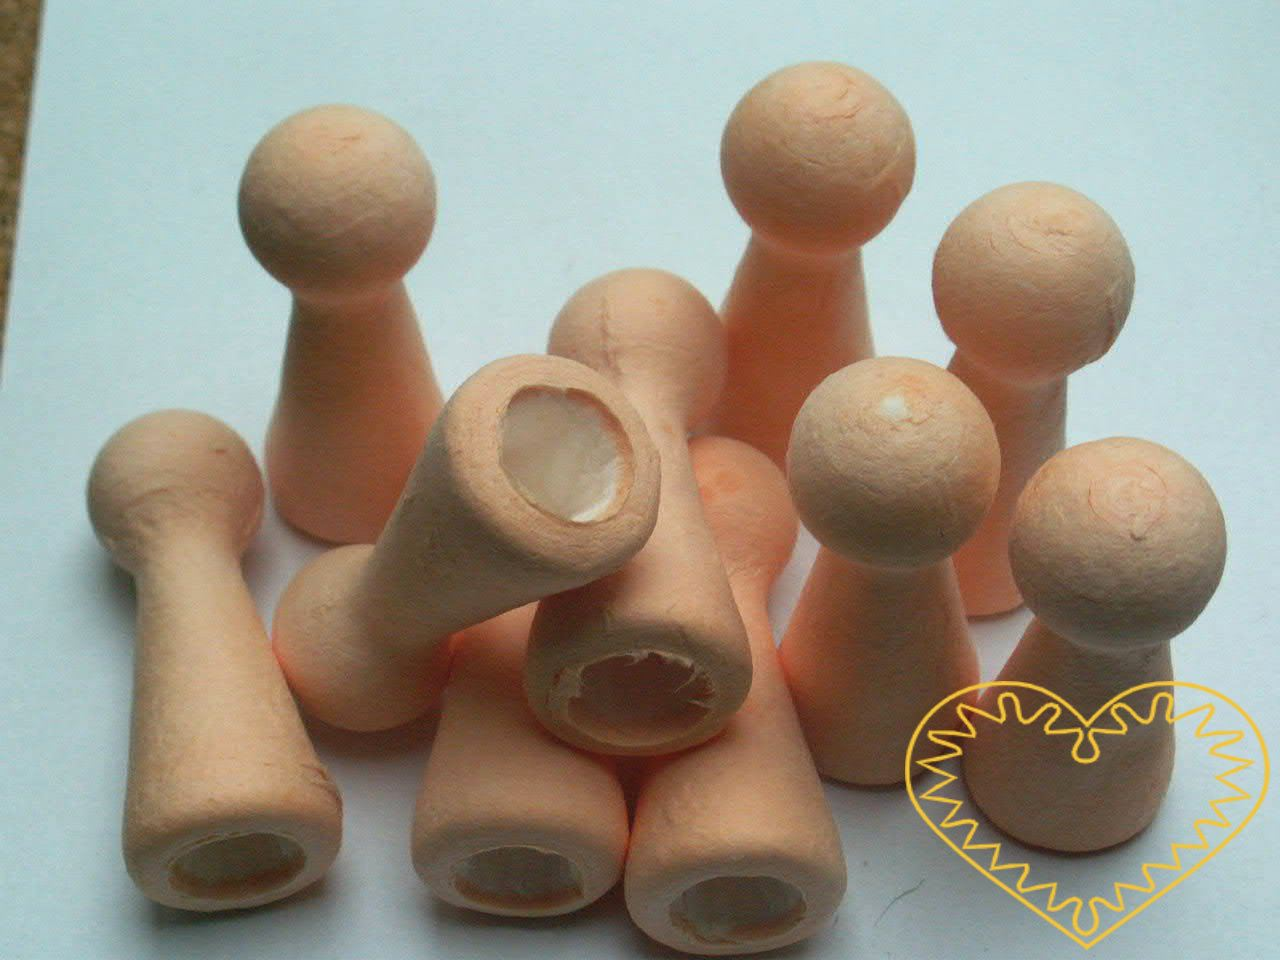 Tělové figurky na prst - sada 10 kusů. Výška figurek je 6,7 cm, zespodu mají otvor, aby se daly snadno navléct na prst. Skvělý materiál k výrobě prstového divadélka, ale i různých figurek a andílků.